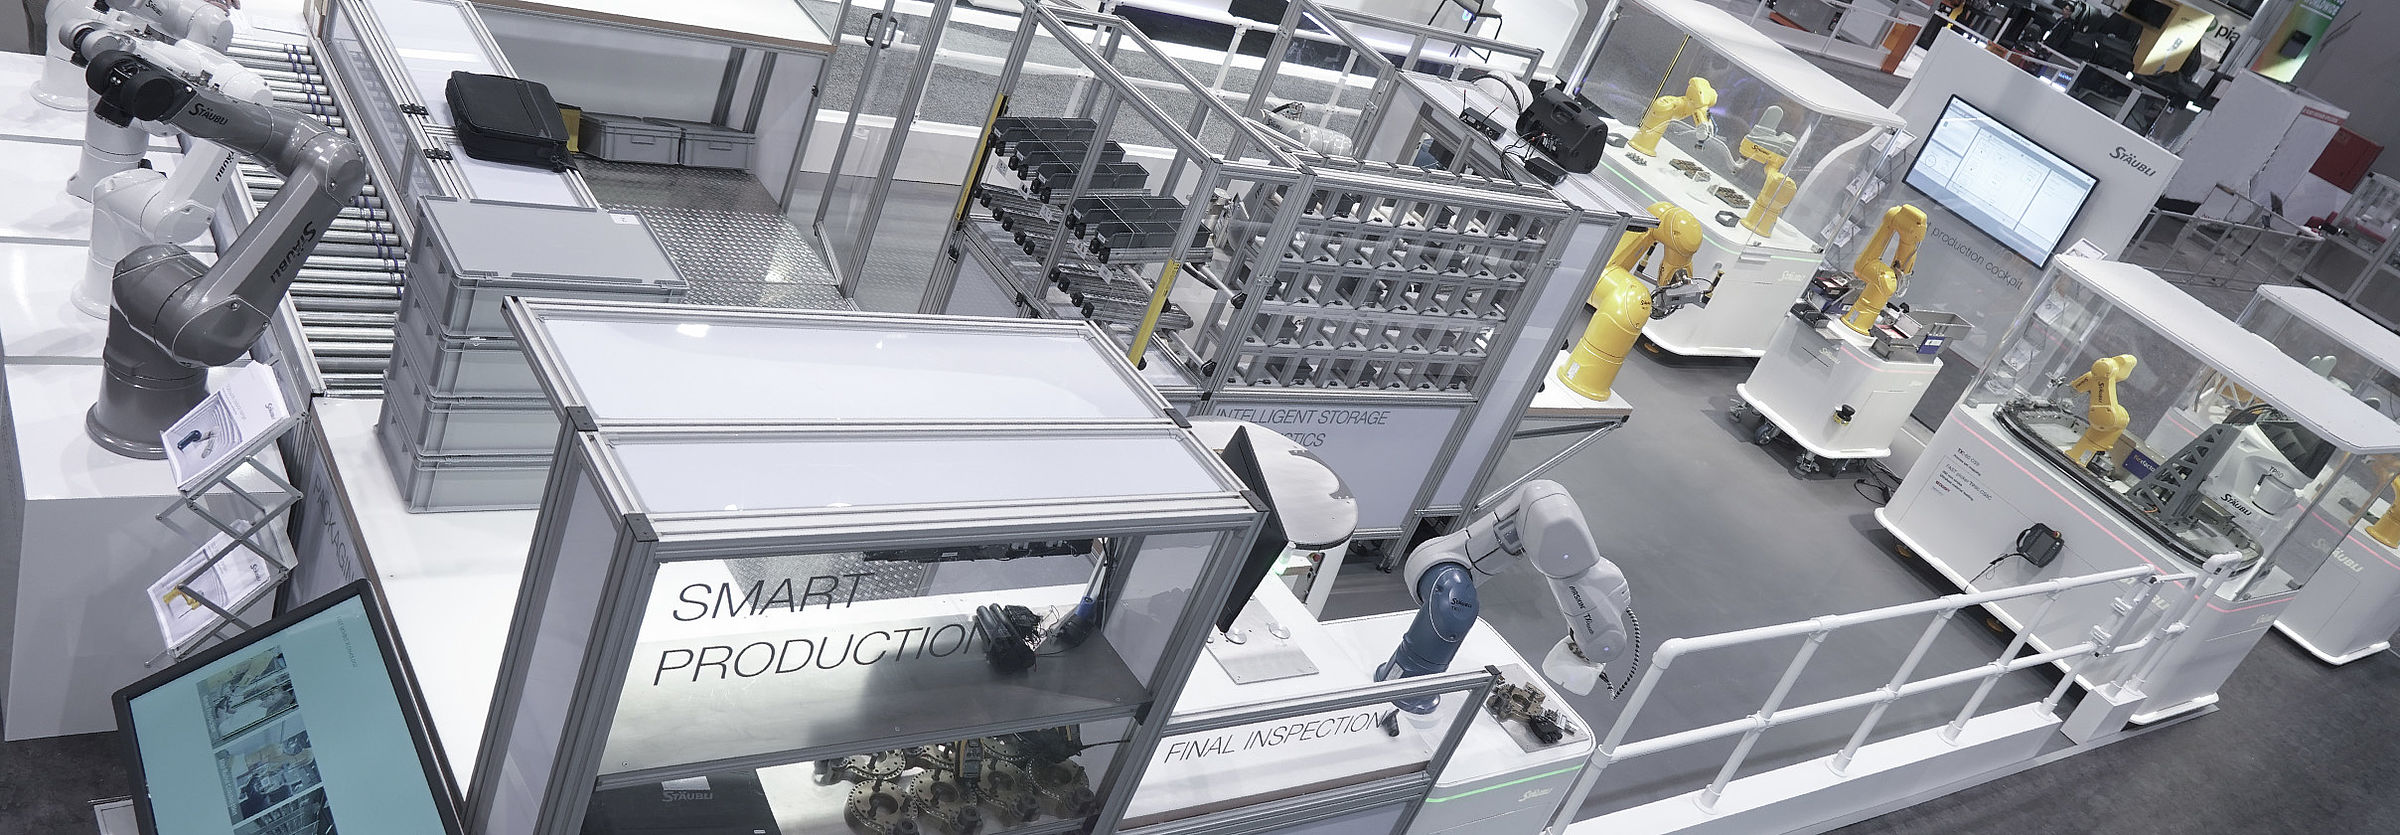 Stäubli AG - smart-production-automate-2019-hip@2x_01.jpg